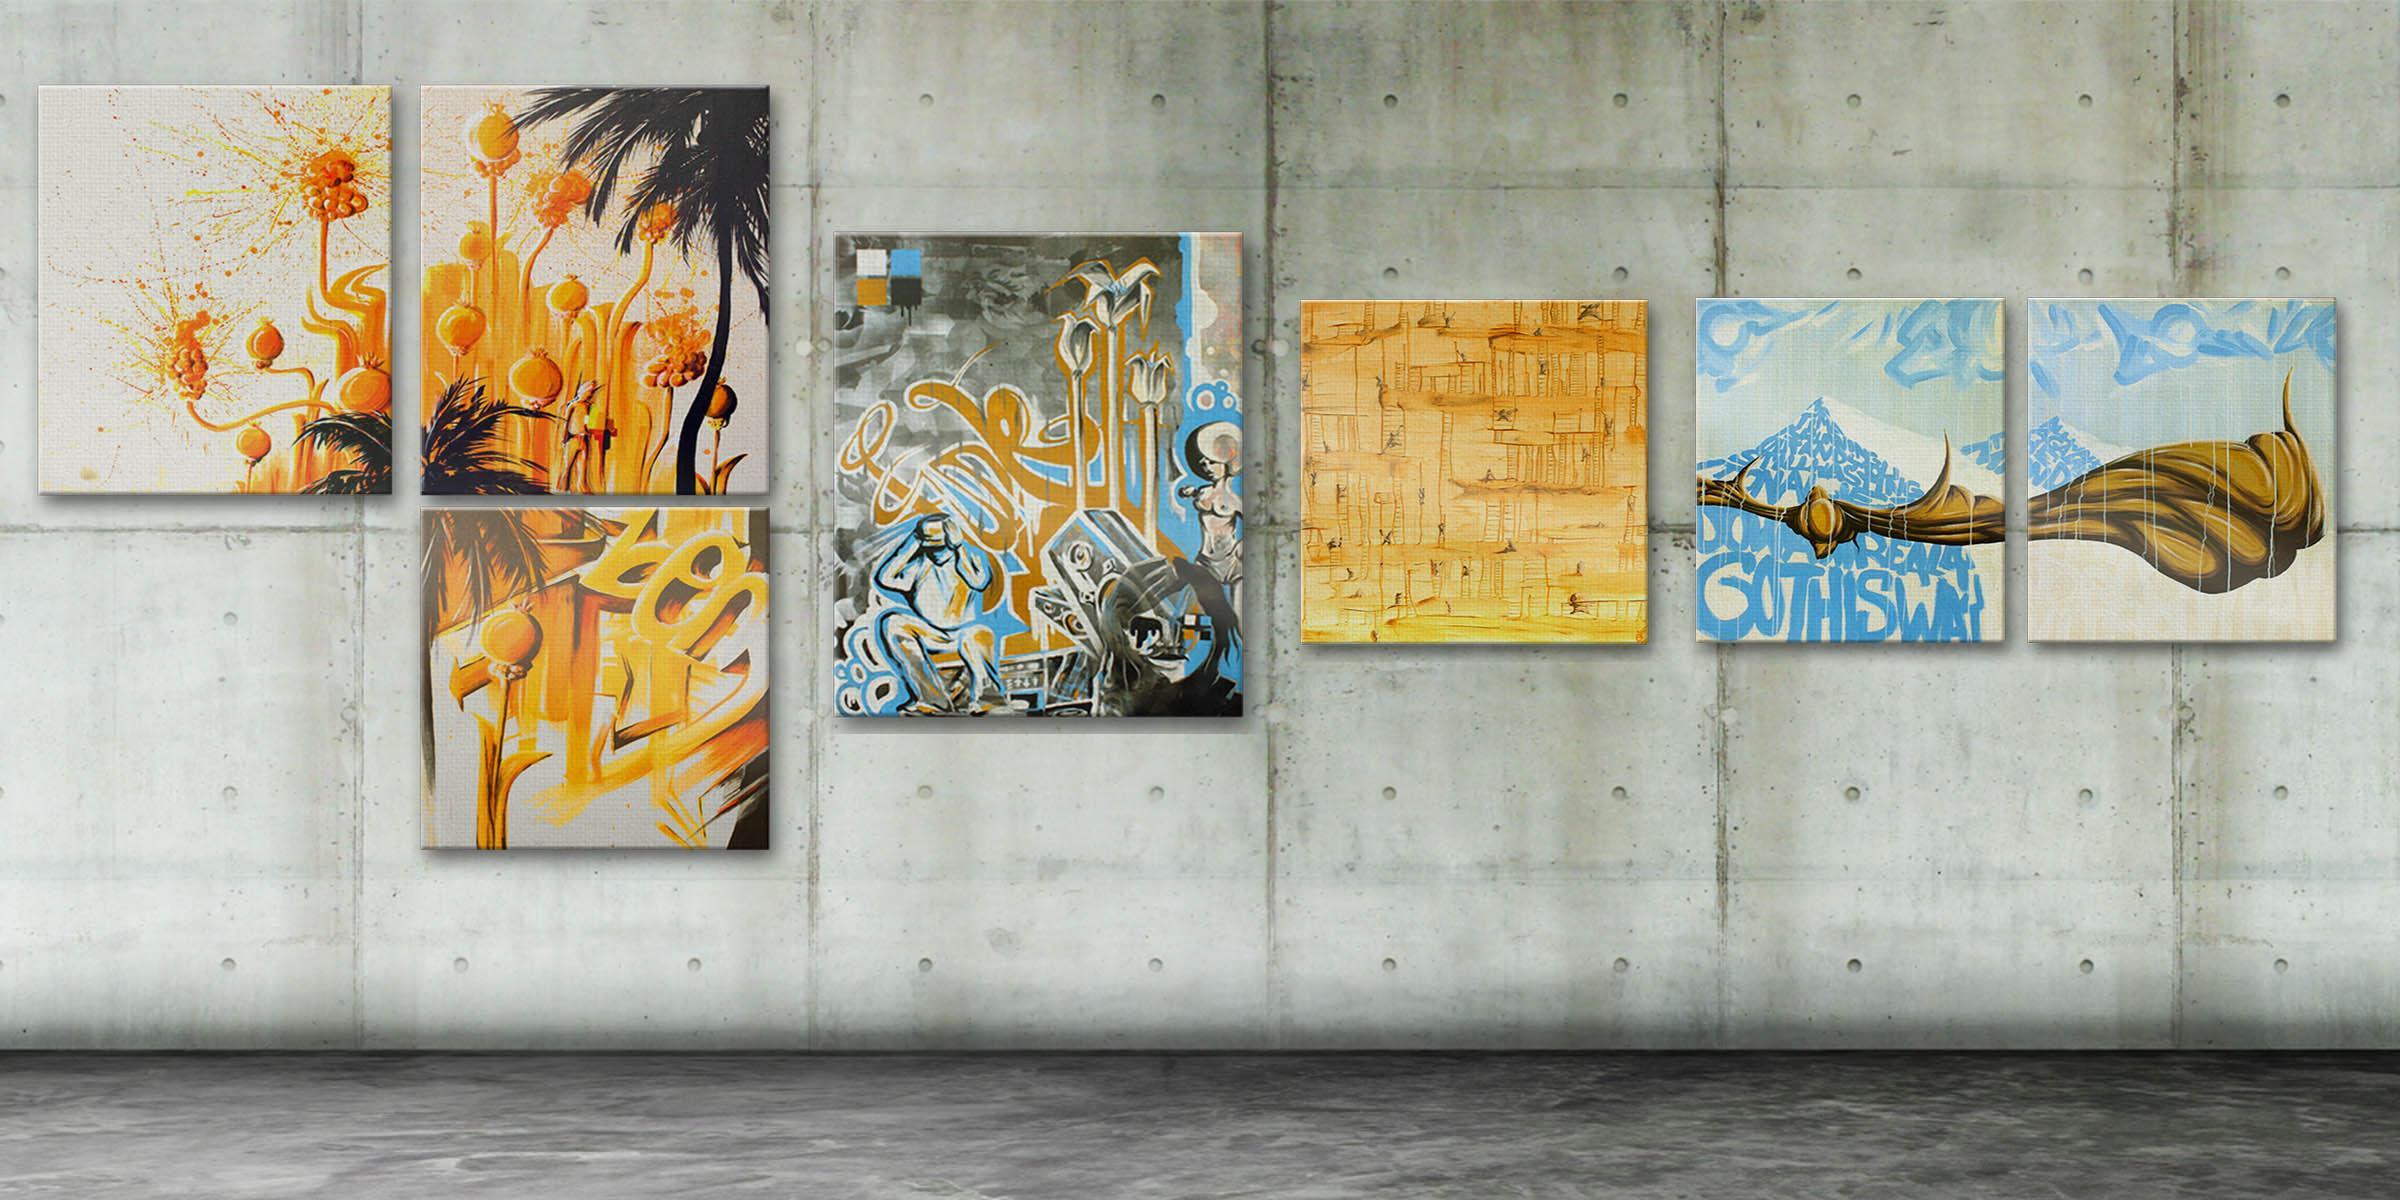 8gregor fenger art street acryl jakarta fair scribble graffiti